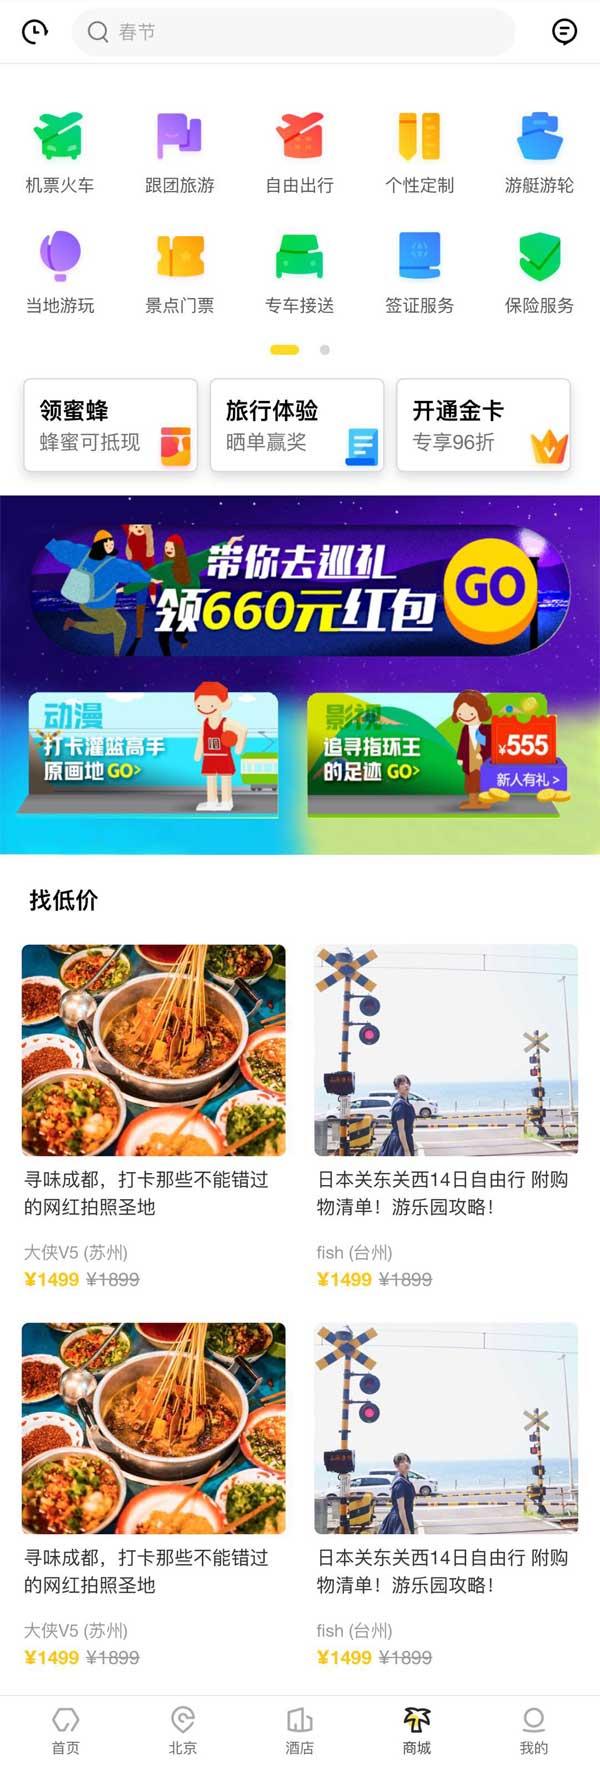 爱旅游app官网模板